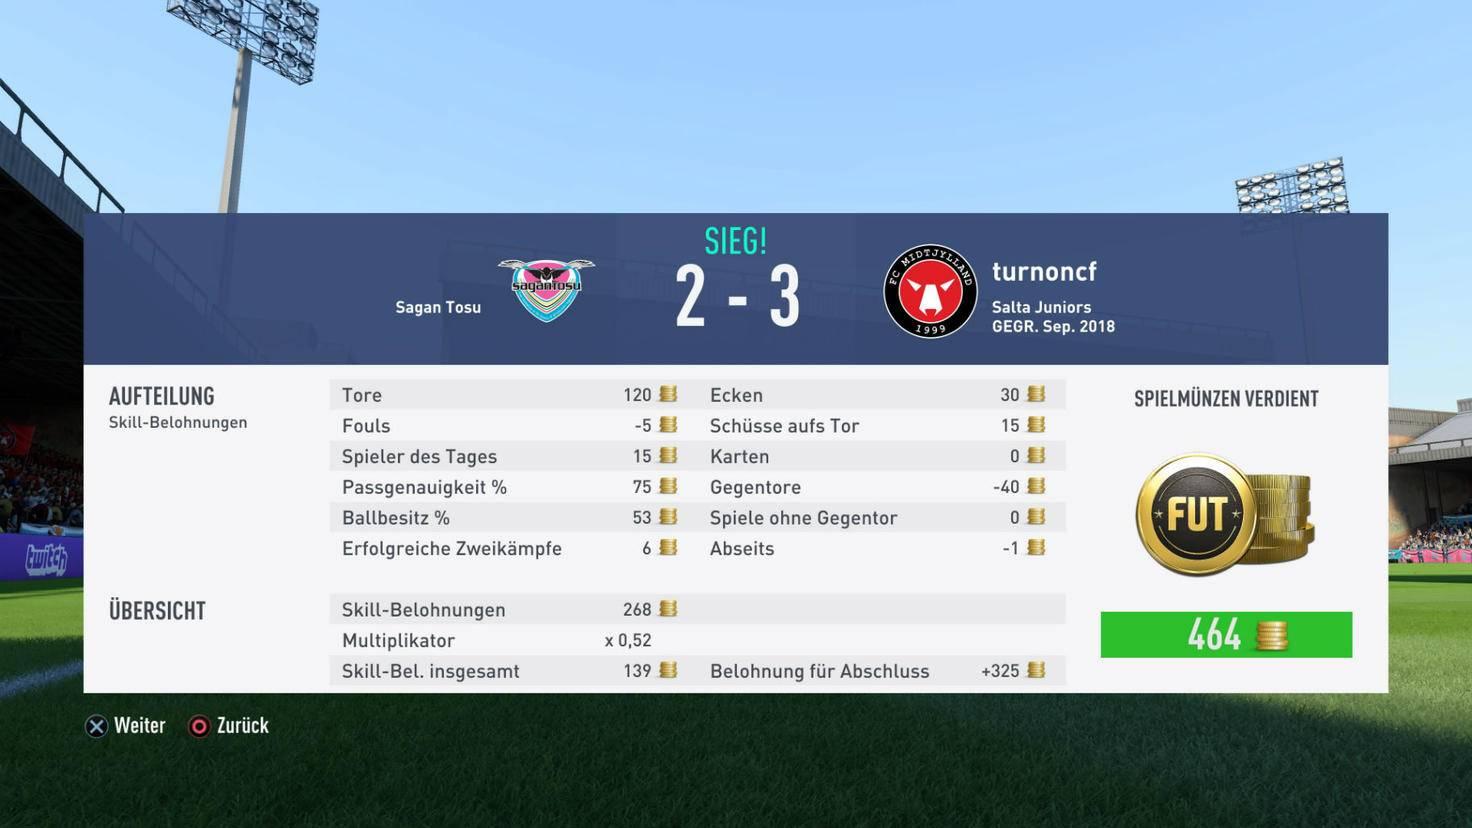 fifa-19-fut-gold-menue-screenshot